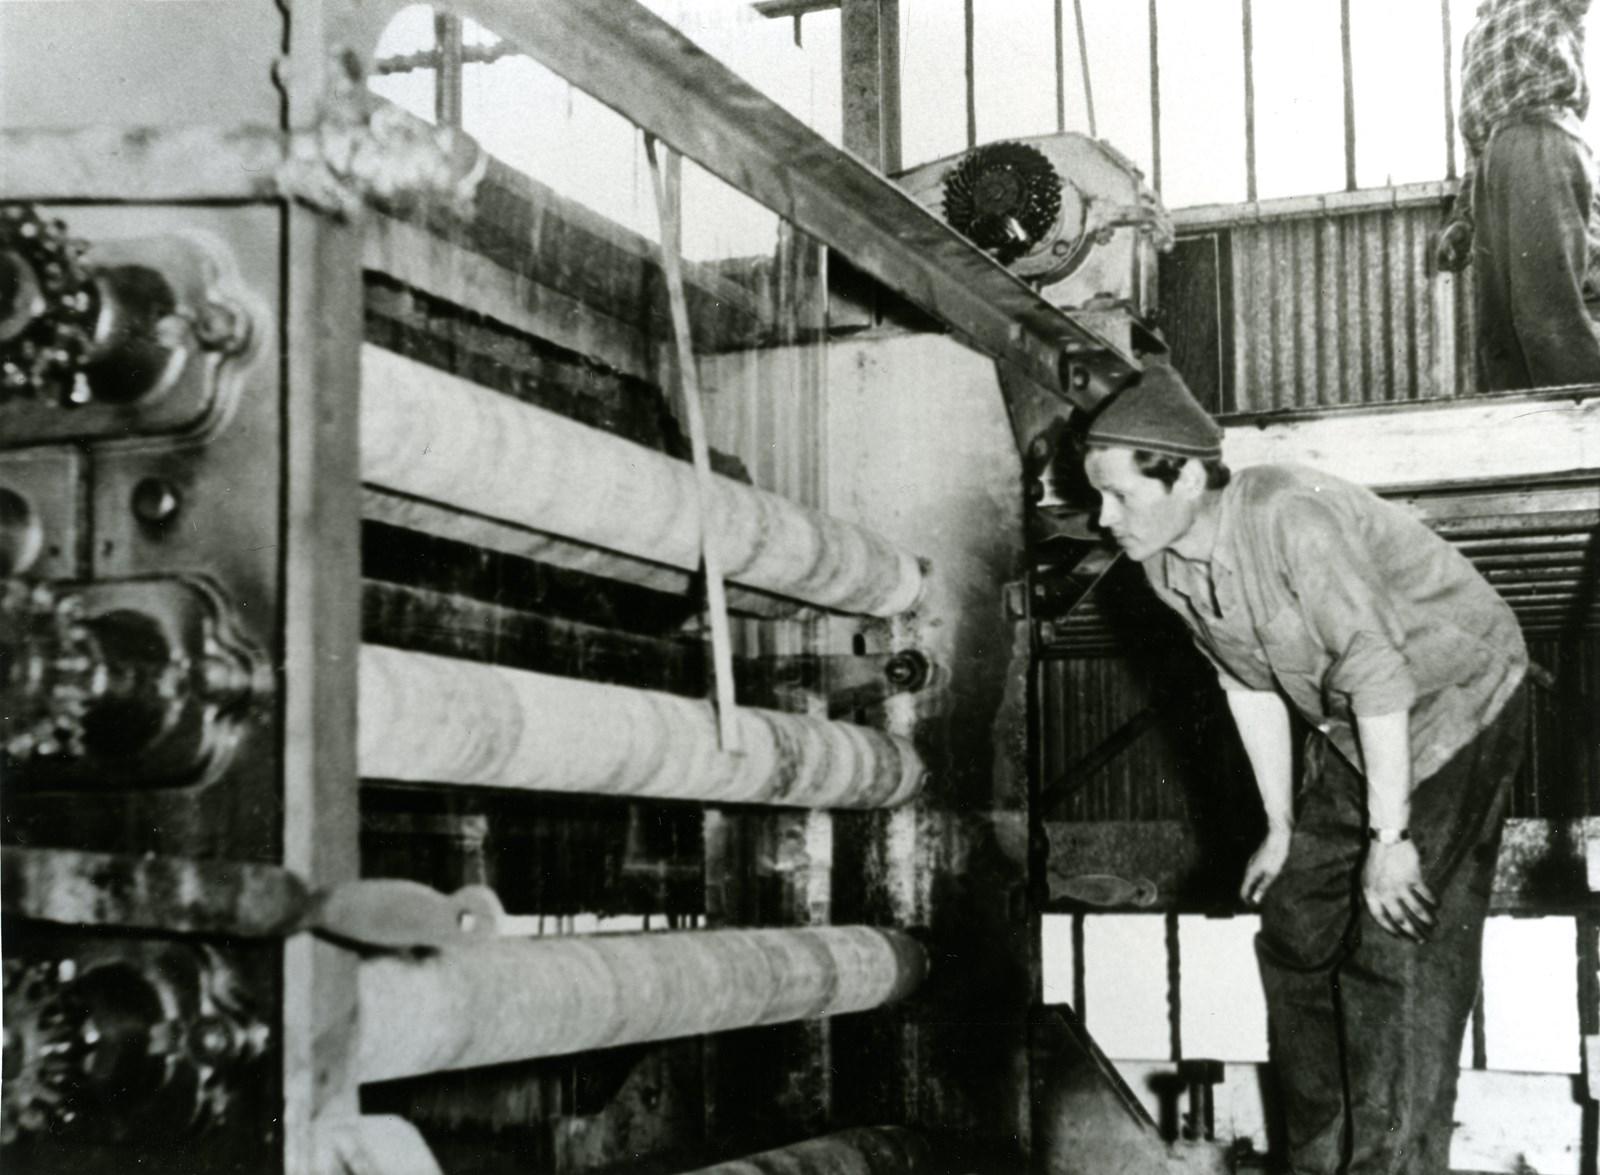 Le ruban de verre monte entre les rouleaux d'amiante, vers 1930